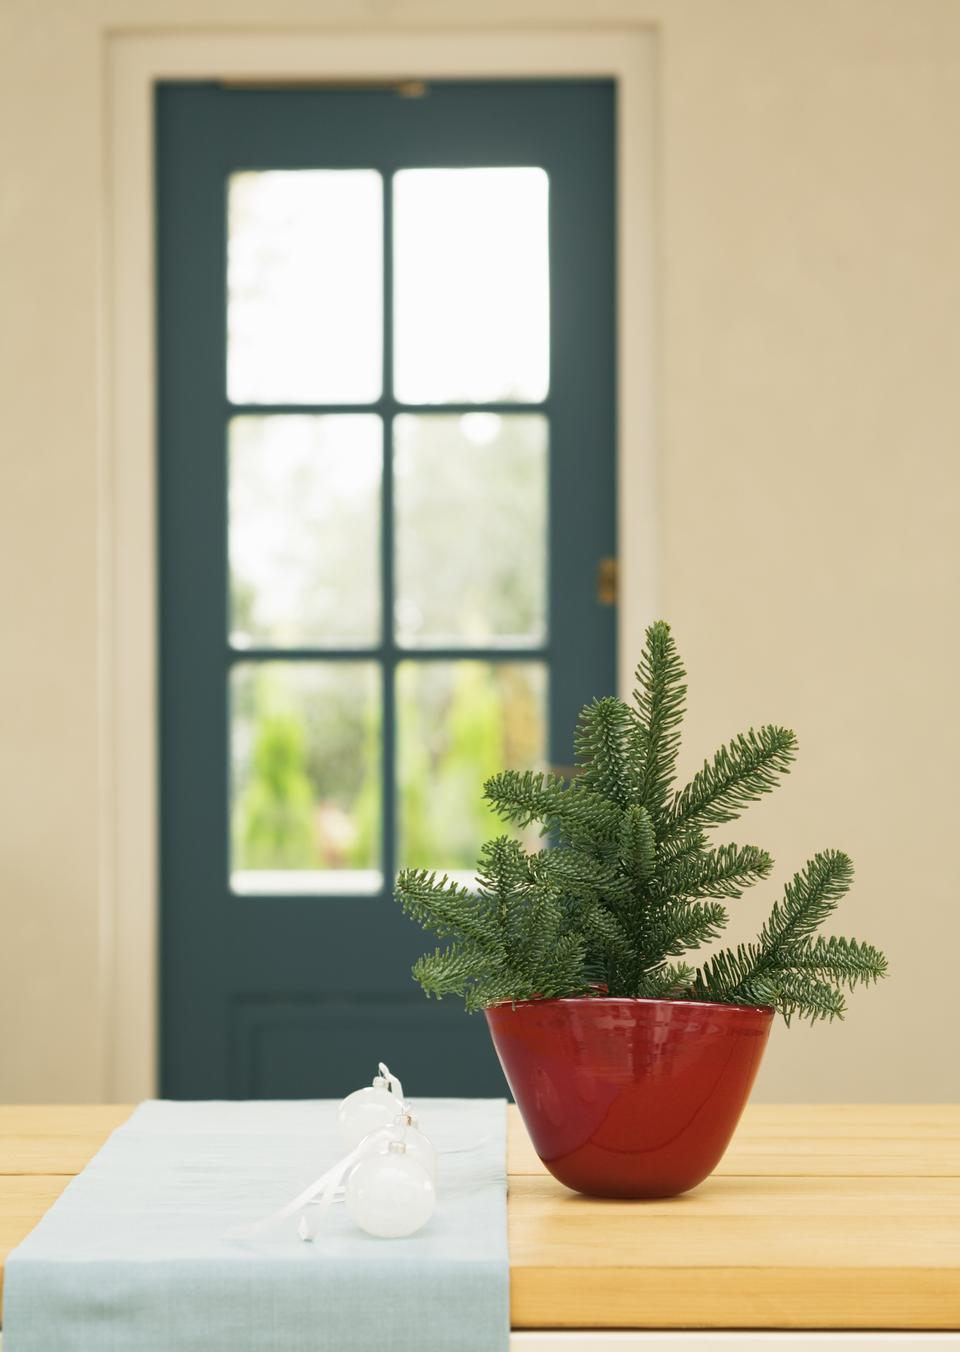 木製のテーブルの上に鍋にハート形のクリスマスの装飾